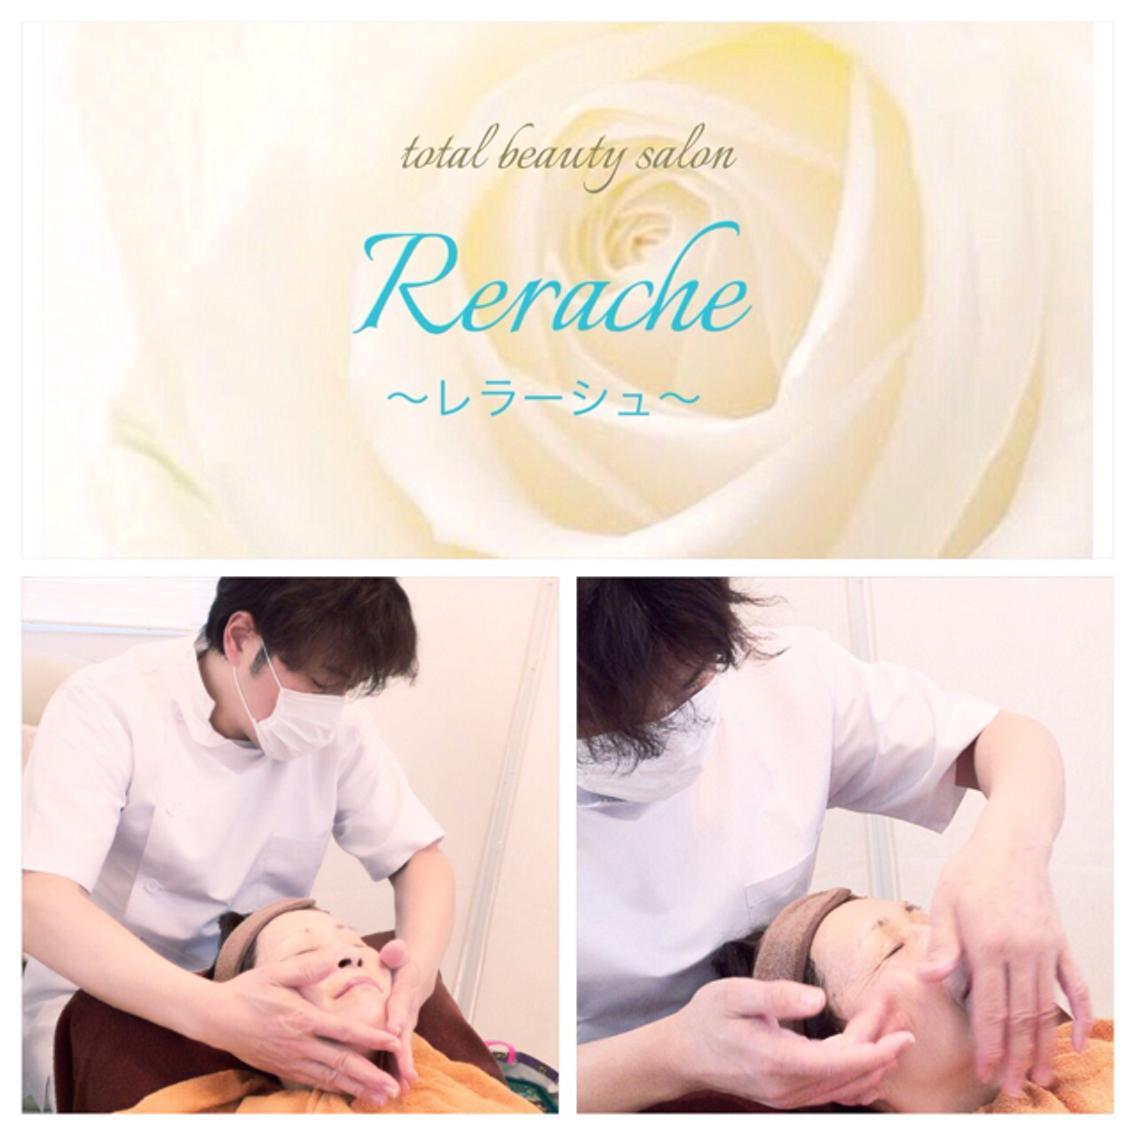 】認定フェイシャルエステティシャンのテクニックを贅沢にもオールハンドマッサージにてお試し下さいませ☆☆☆ エステティック by  Rerache